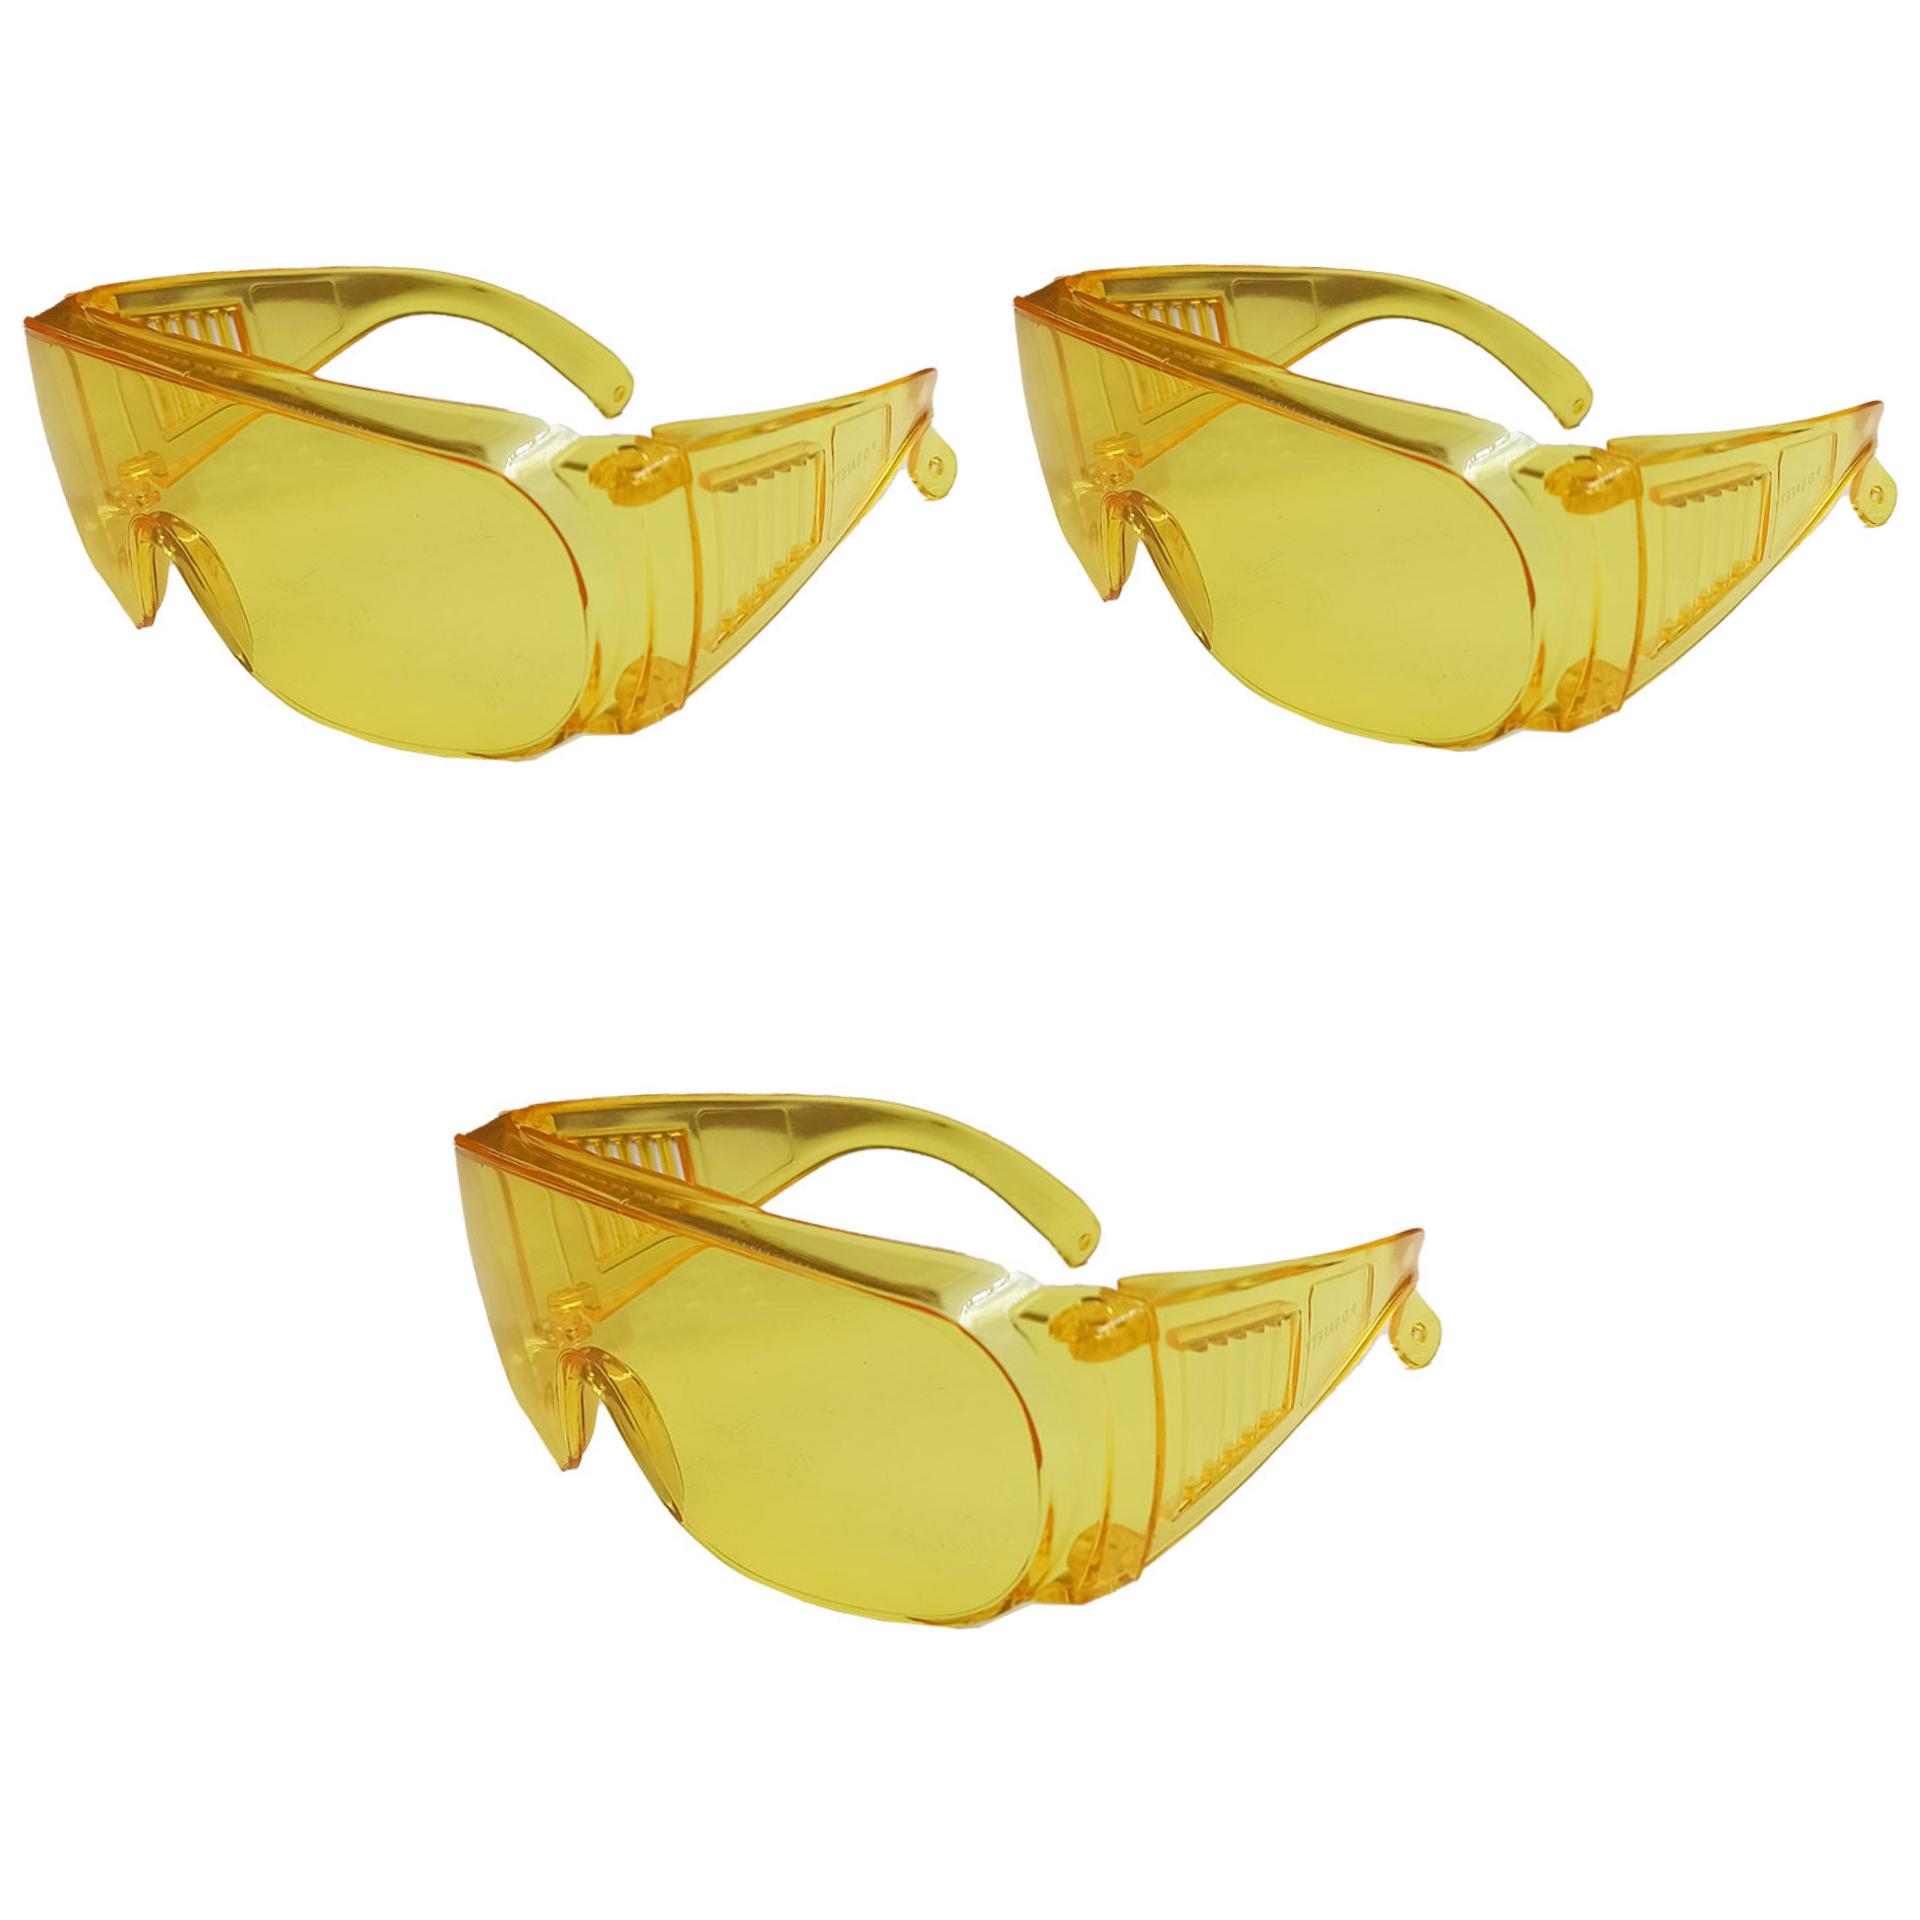 عینک ایمنی مدل E367 مجموعه 3 عددی